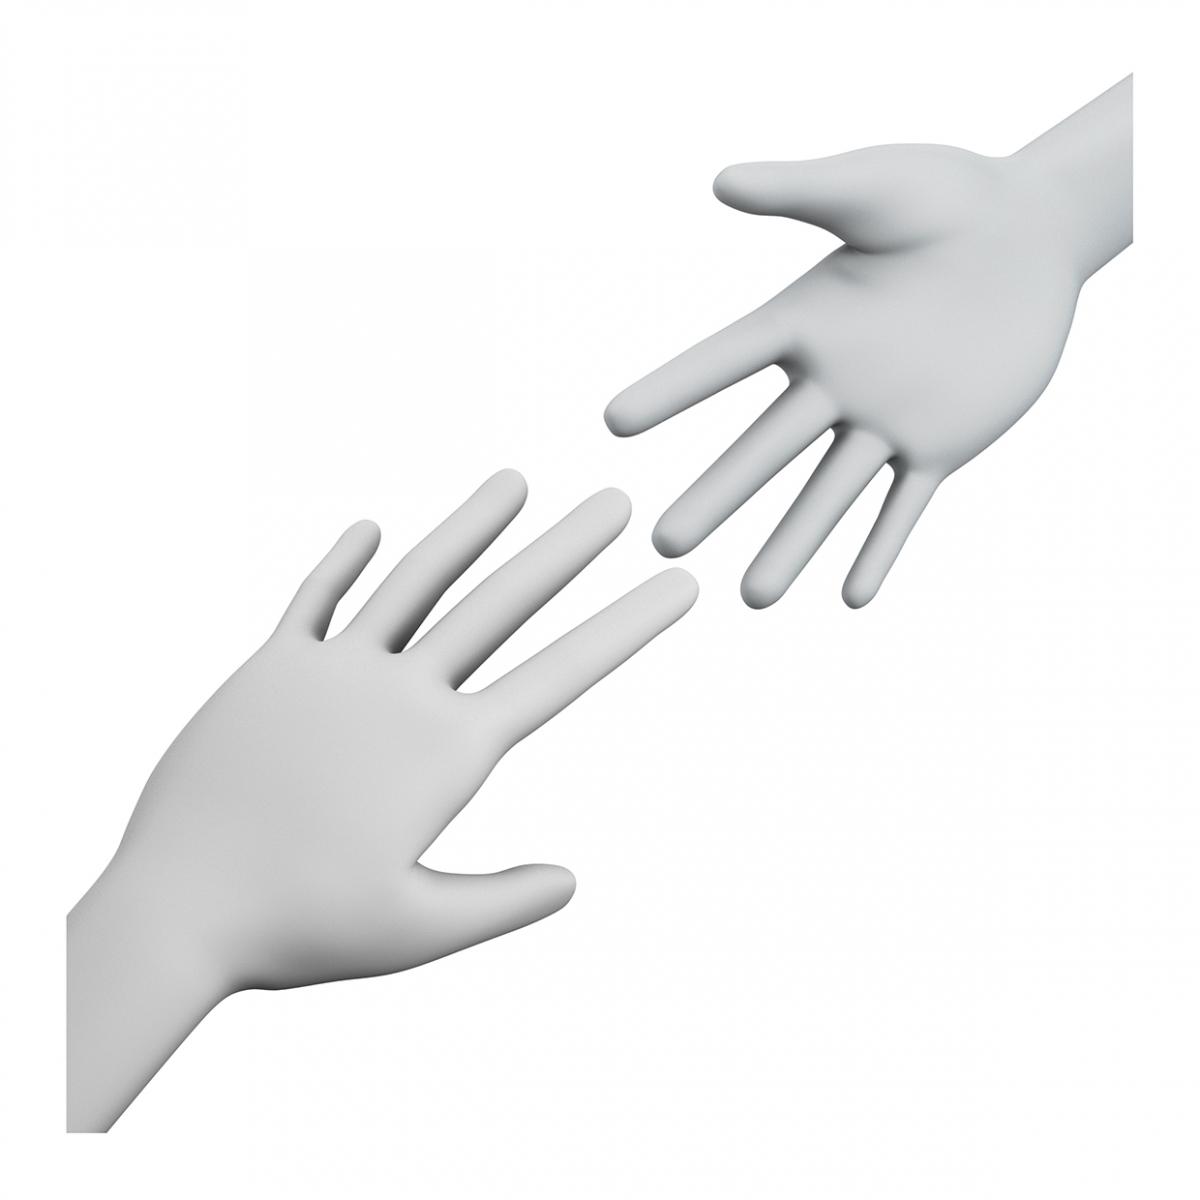 Imagen del concepto ayudar o auxiliar